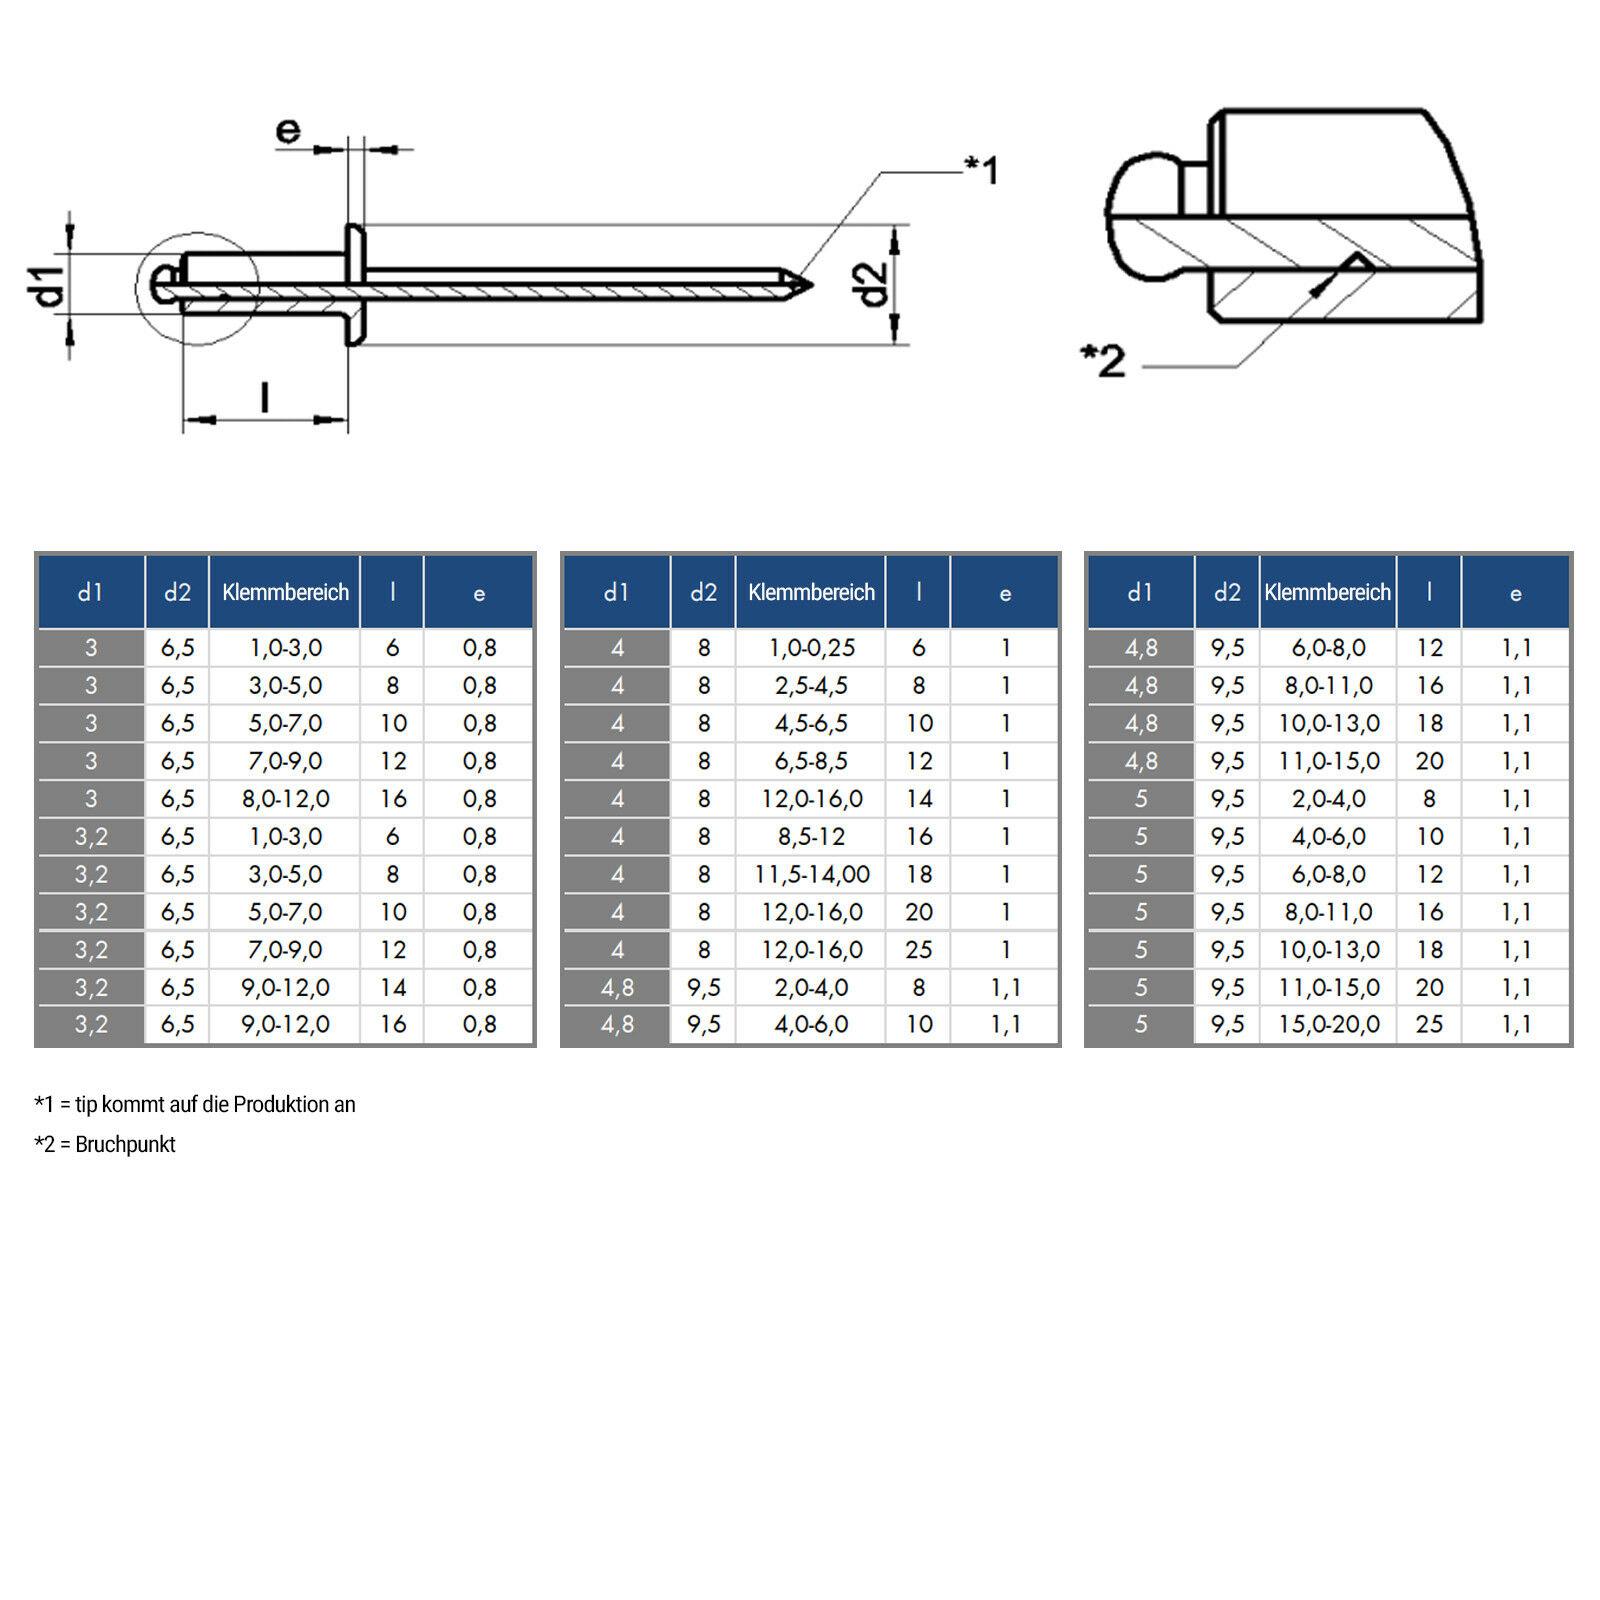 DERING Blindniet 4,0x25 mm mit Flachkopf DIN 7337 Edelstahl A2 rostfrei | Nieten 30 St/ück